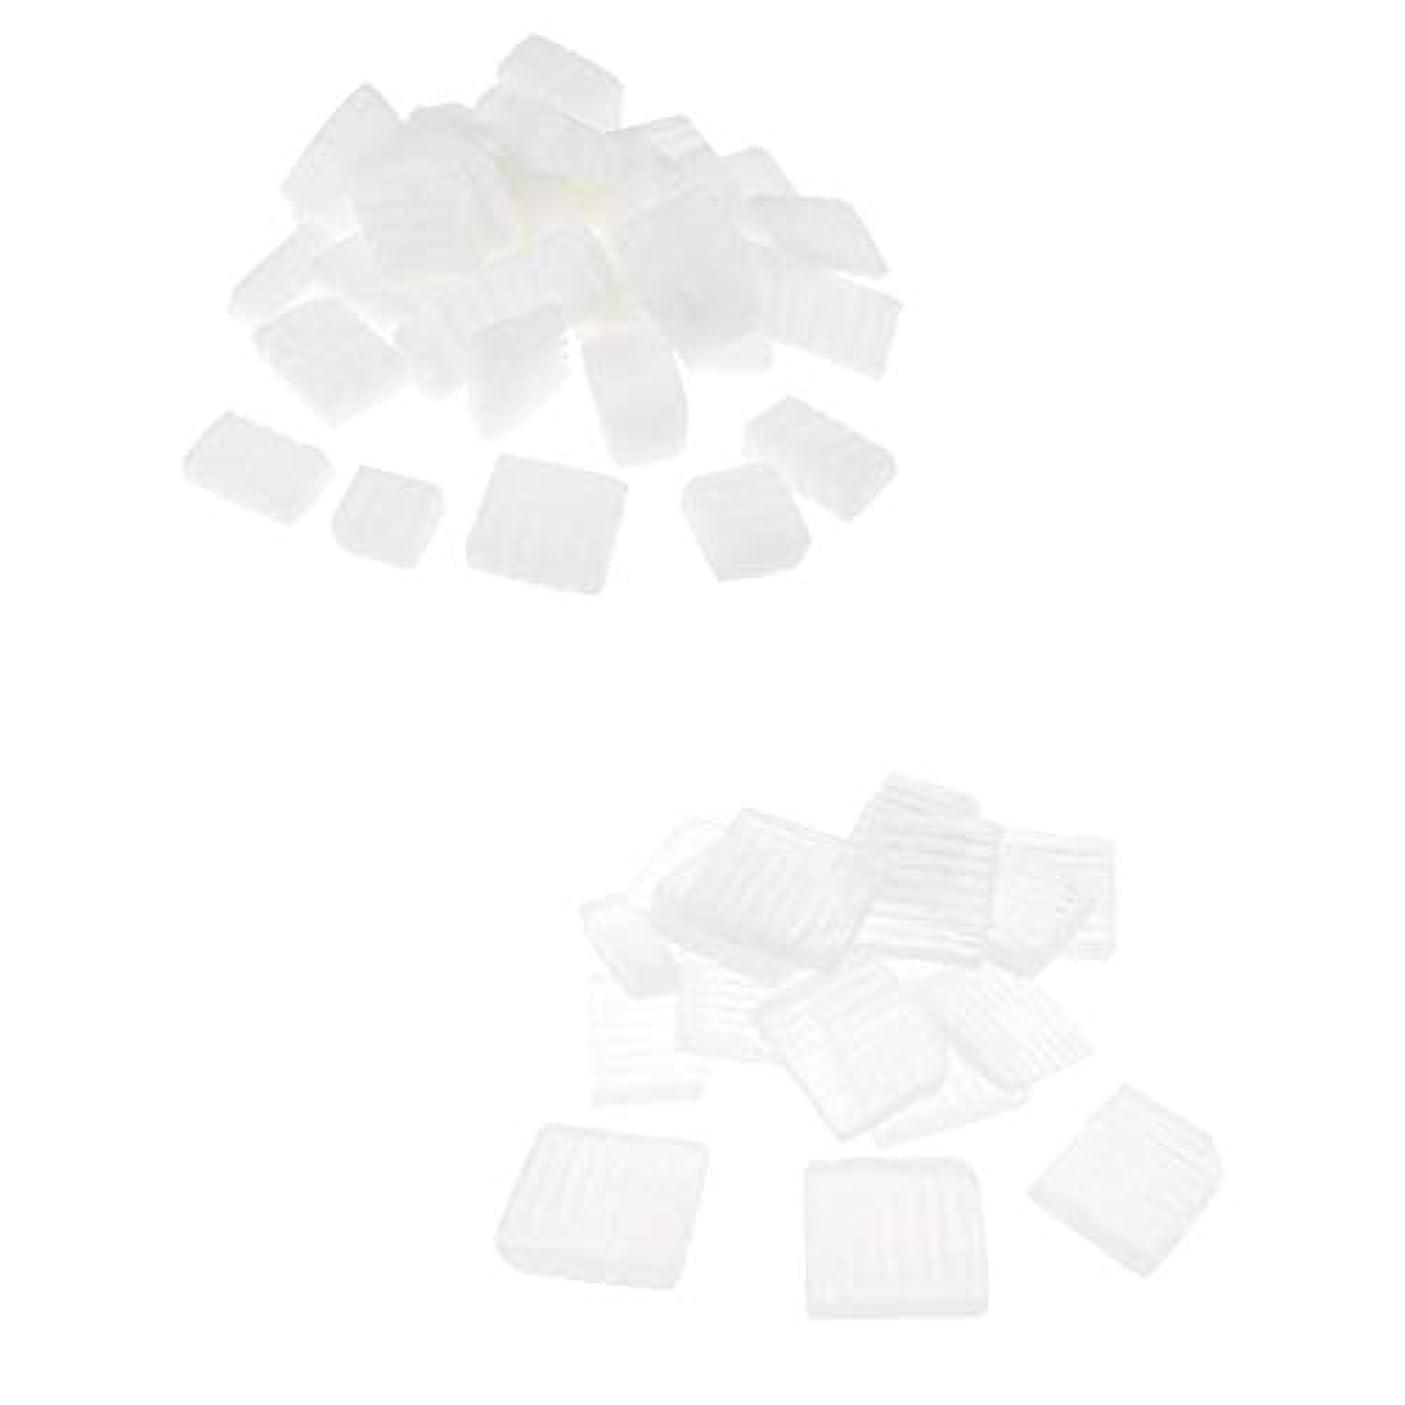 墓花火入場FLAMEER 固形せっけん 石鹸ベース 2KG ホワイトクリア DIY製造 工芸品 ハンドメイド 石鹸原料 耐久性